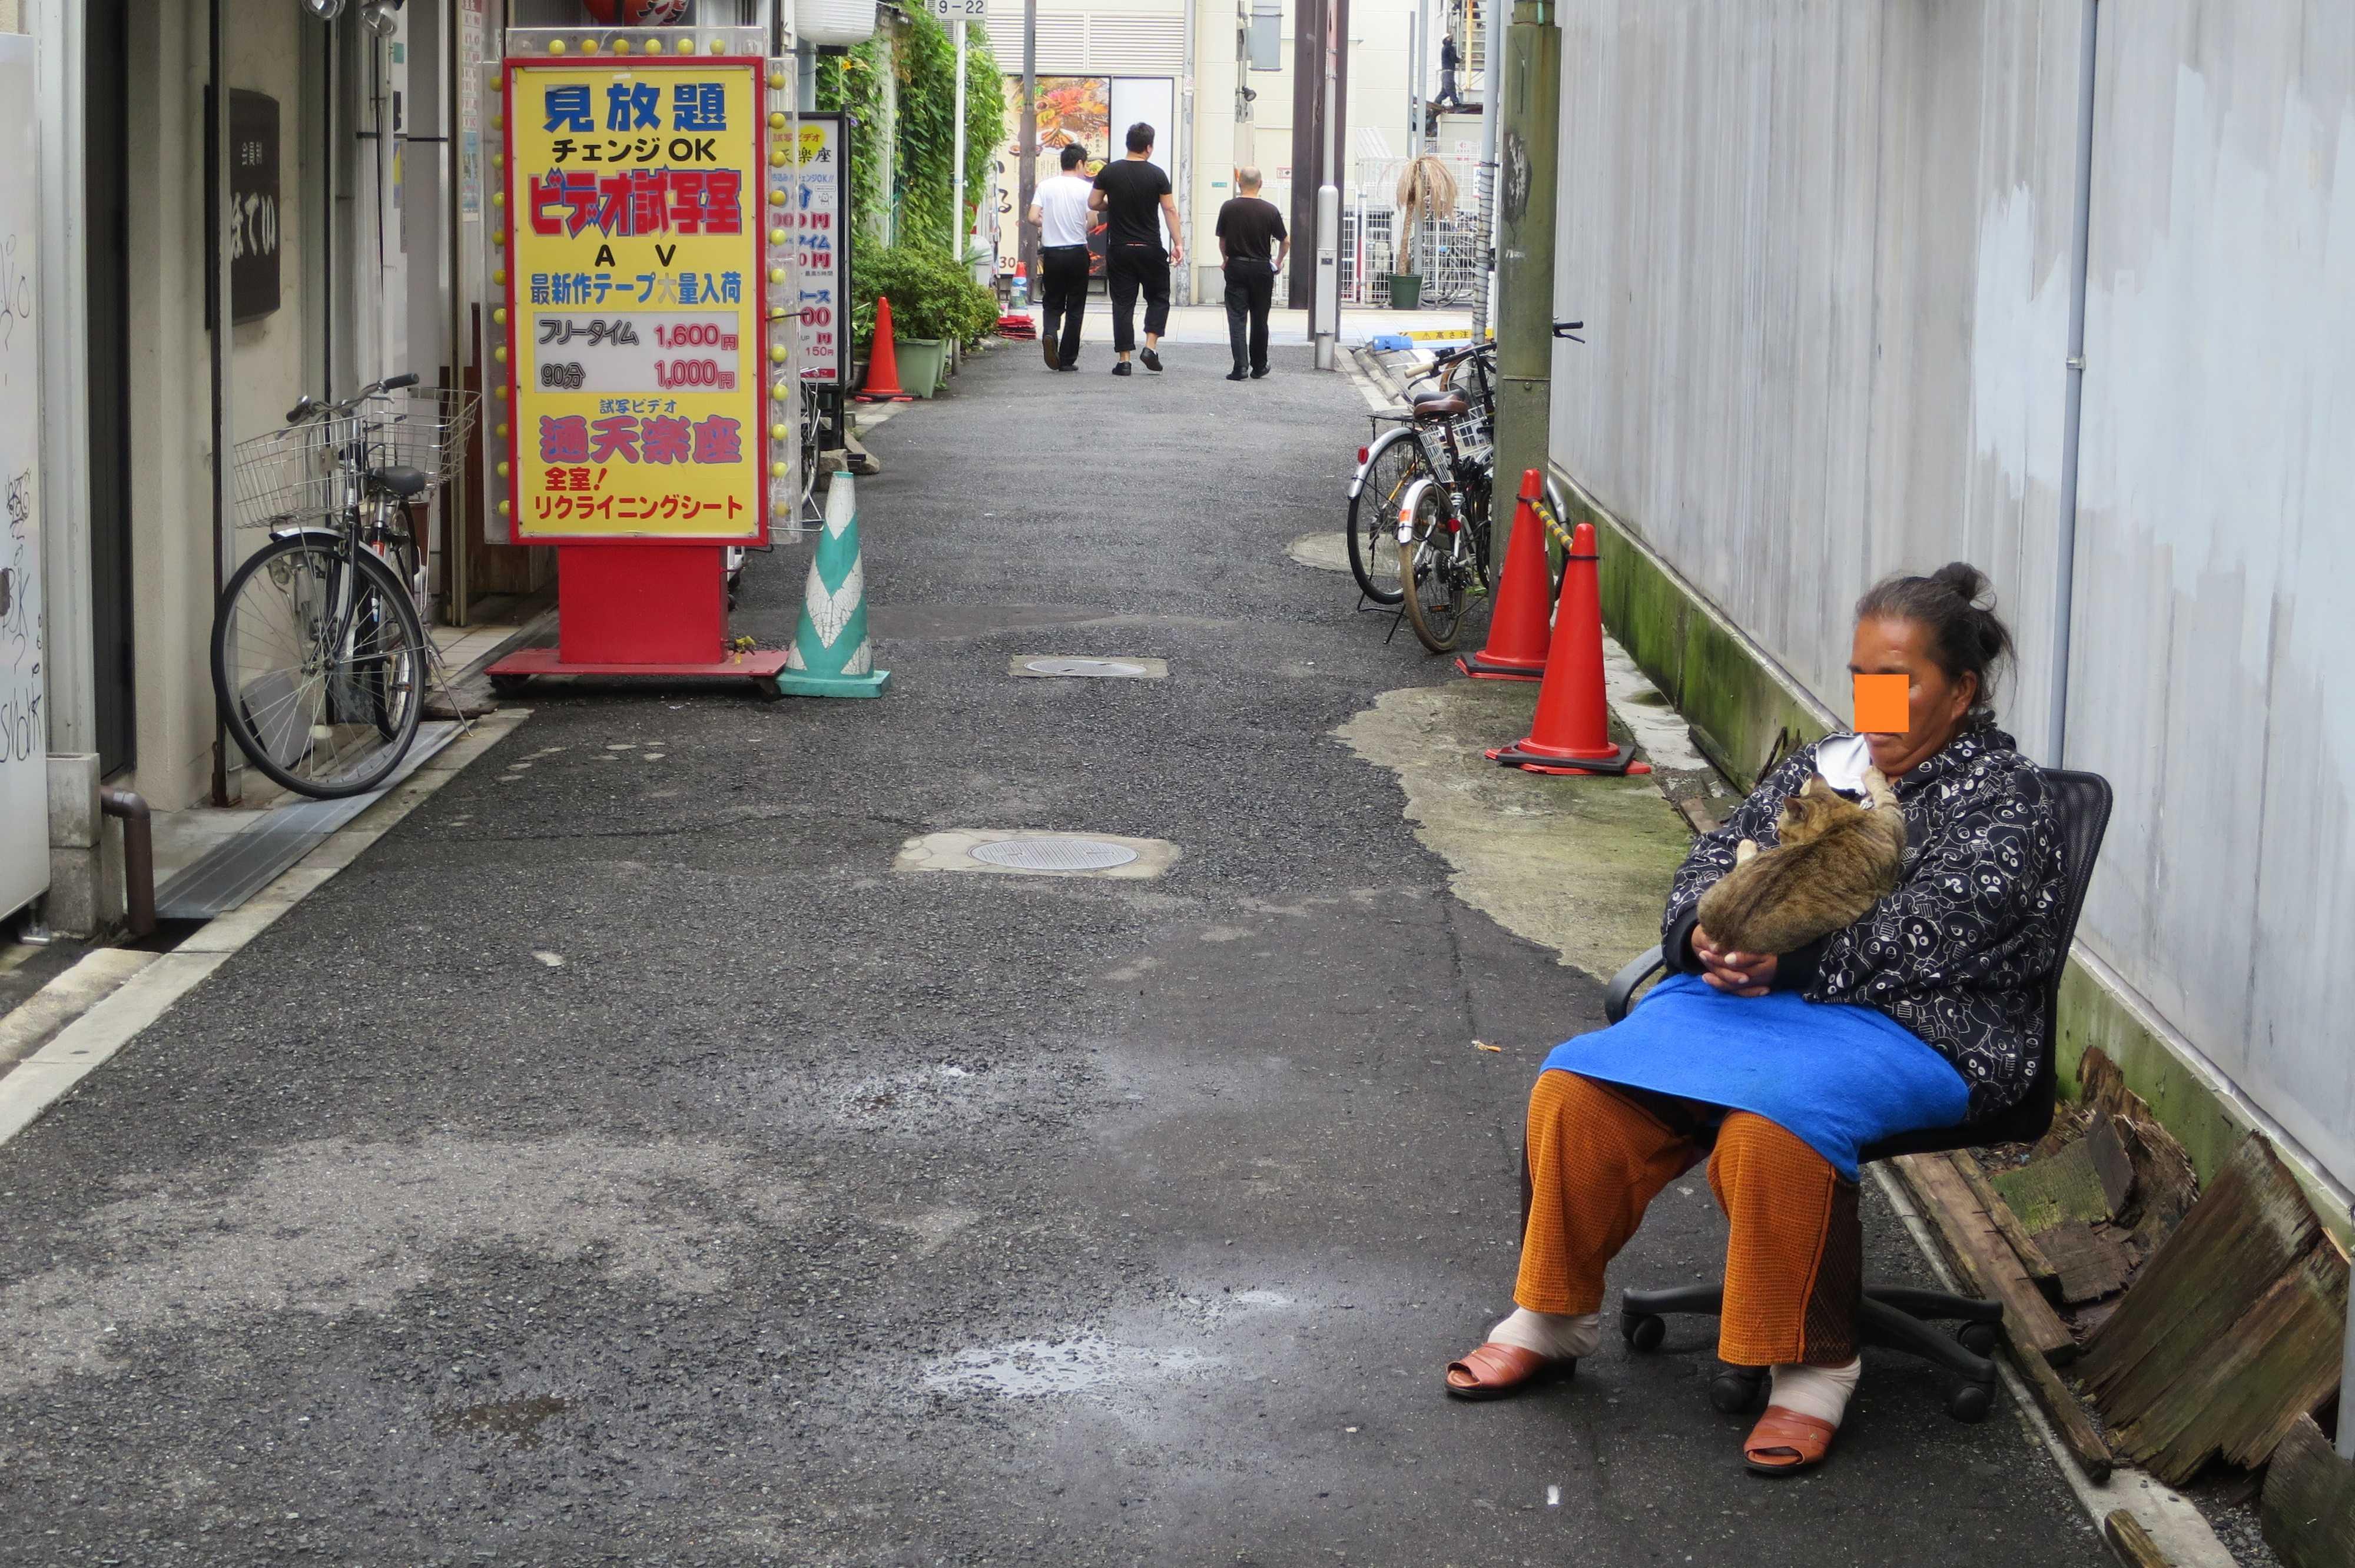 猫を抱きながら朝寝(朝昼寝?)するおばさん - 大阪新世界